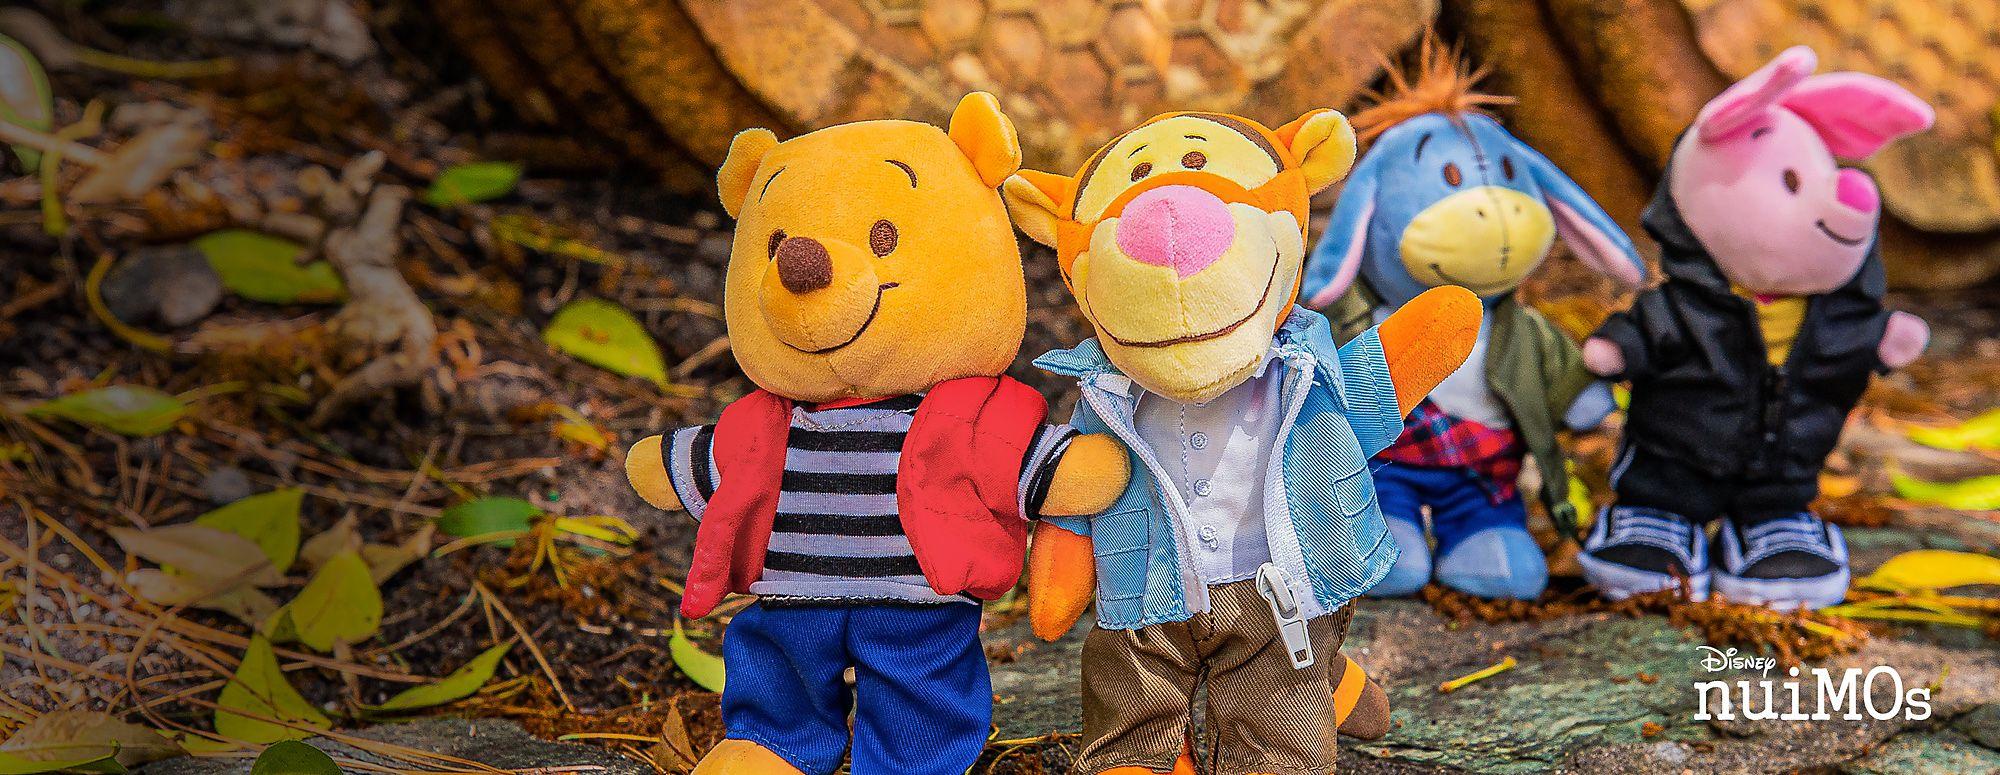 Nouveauté issue de la Forêt des rêves bleus Winnie l'Ourson et ses amis viennent de rejoindre la famille de peluches Disney nuiMOs ! VOIR LA COLLECTION